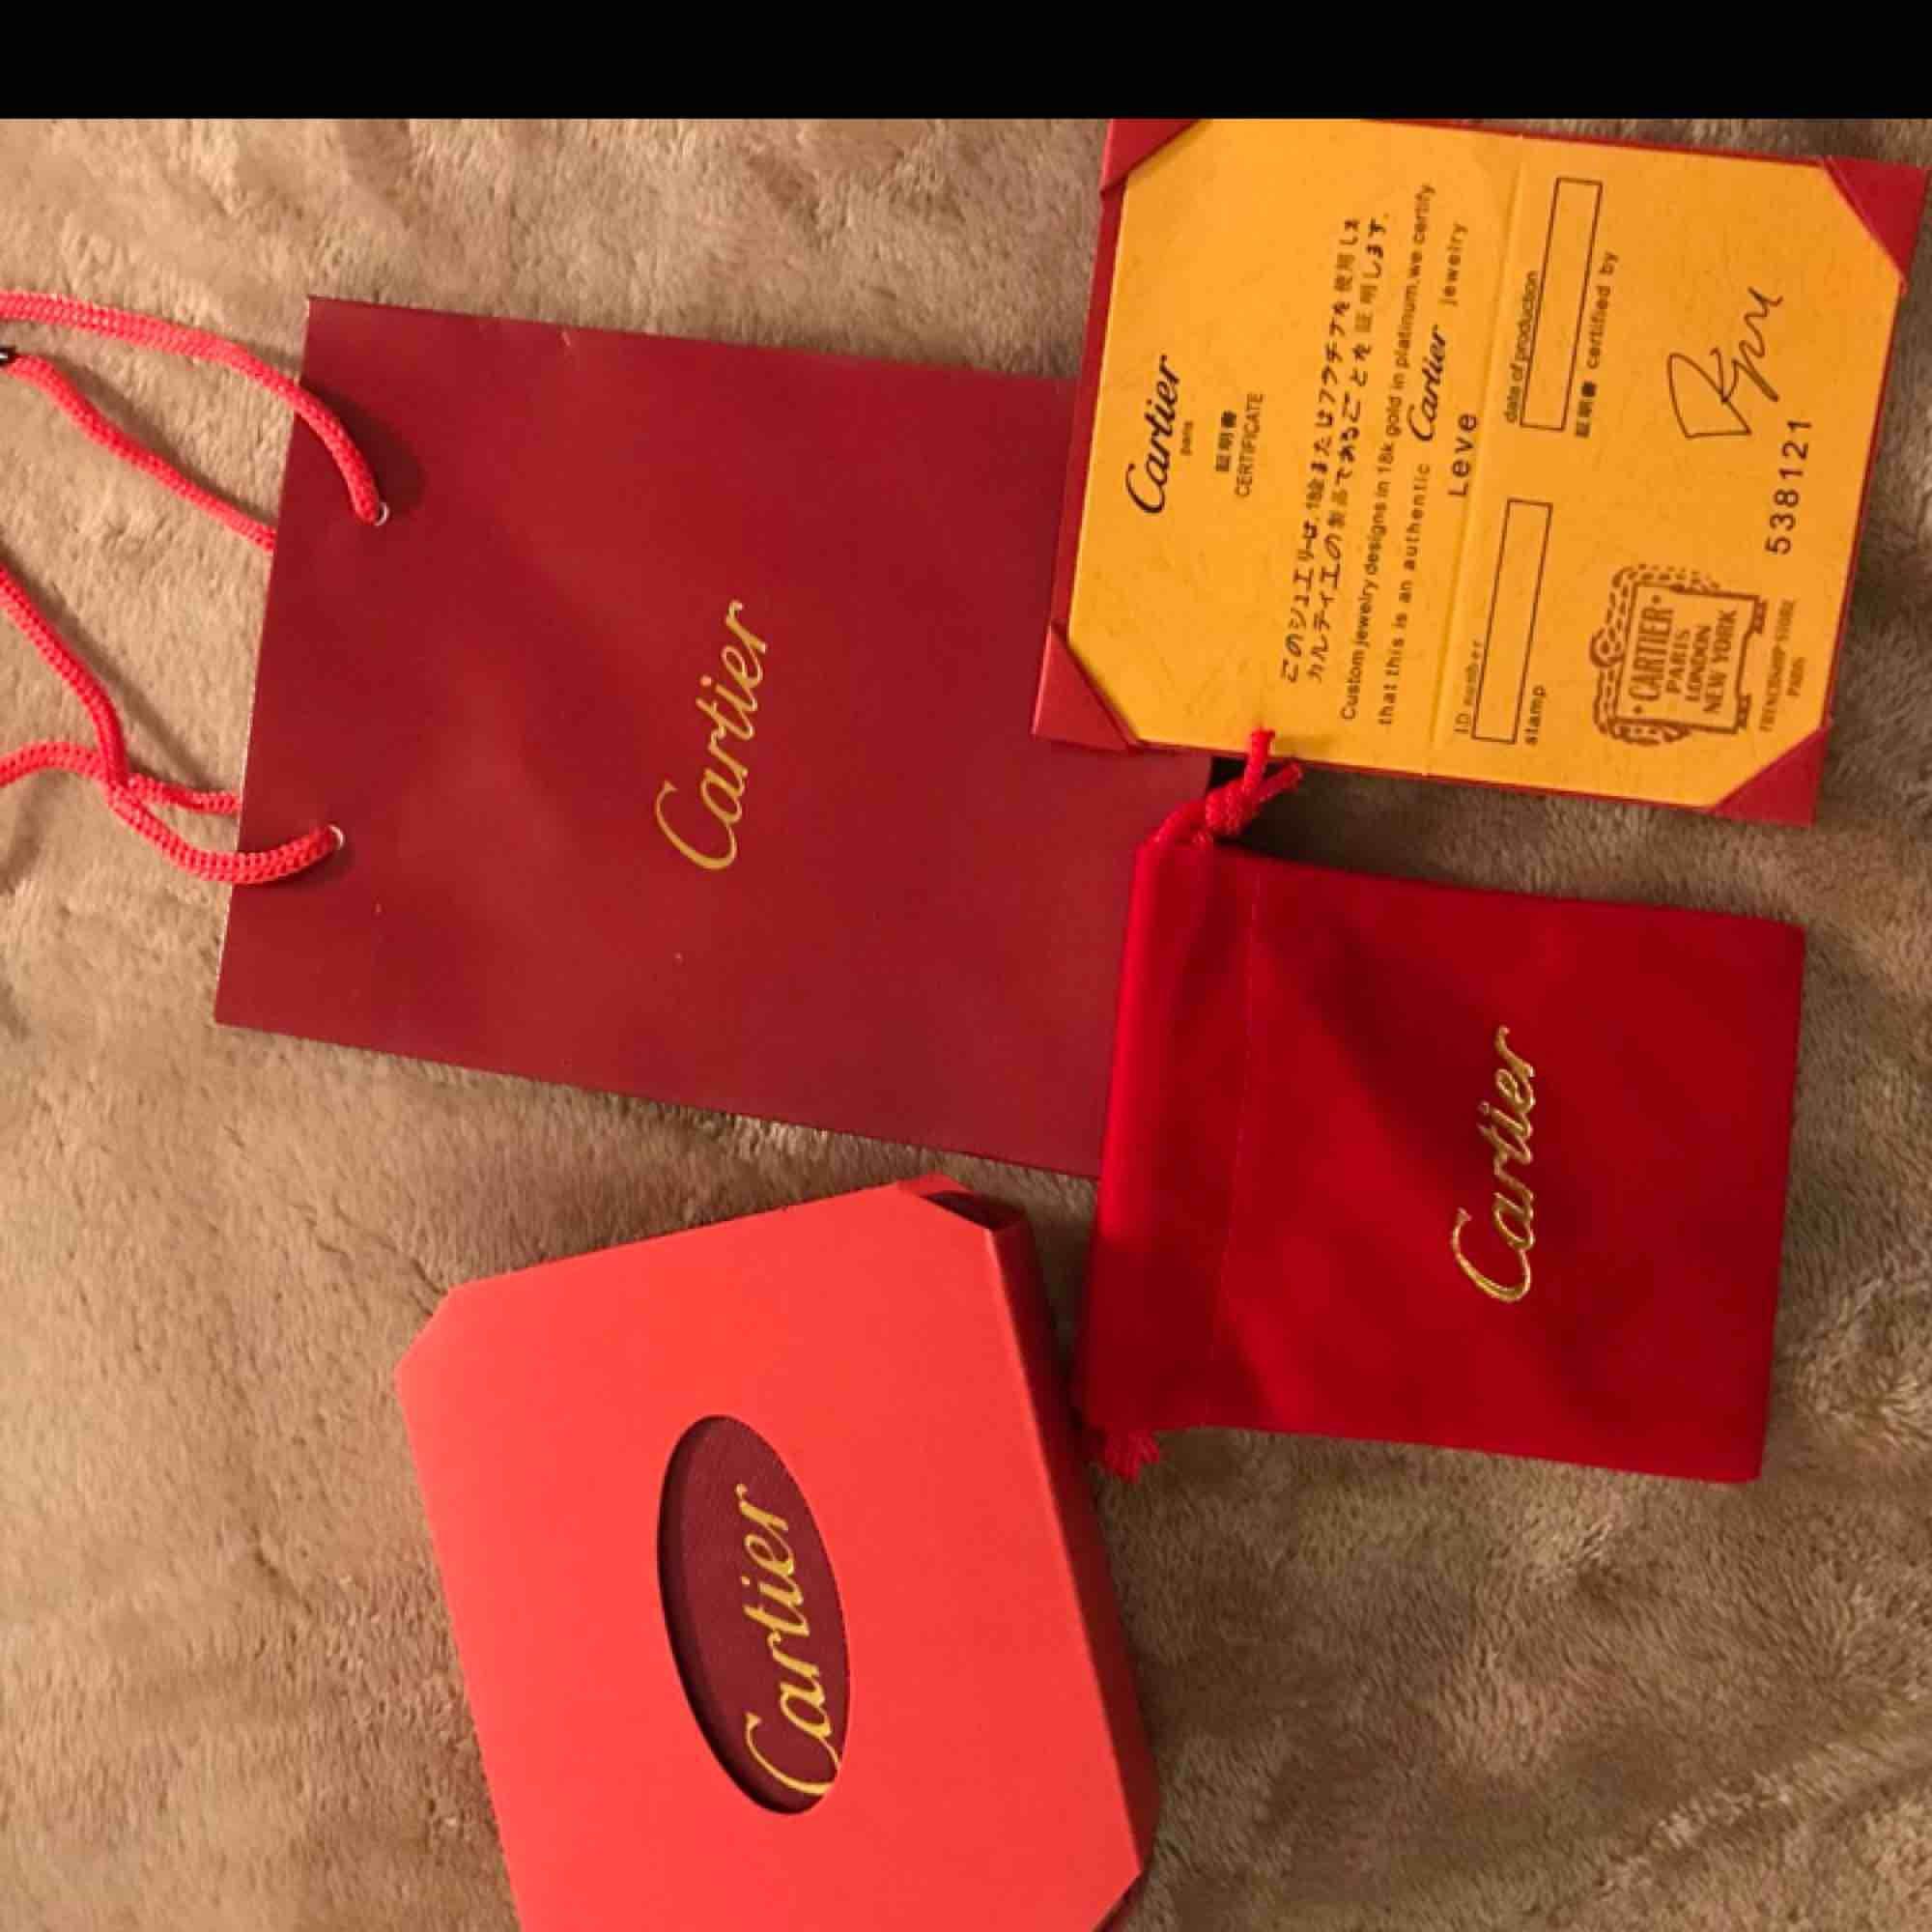 Cartier armband 350kr + tullavgift ca (60-100kr) (verkliga bilder) 🌹 följ min instagram:luxuryfashion166. Accessoarer.